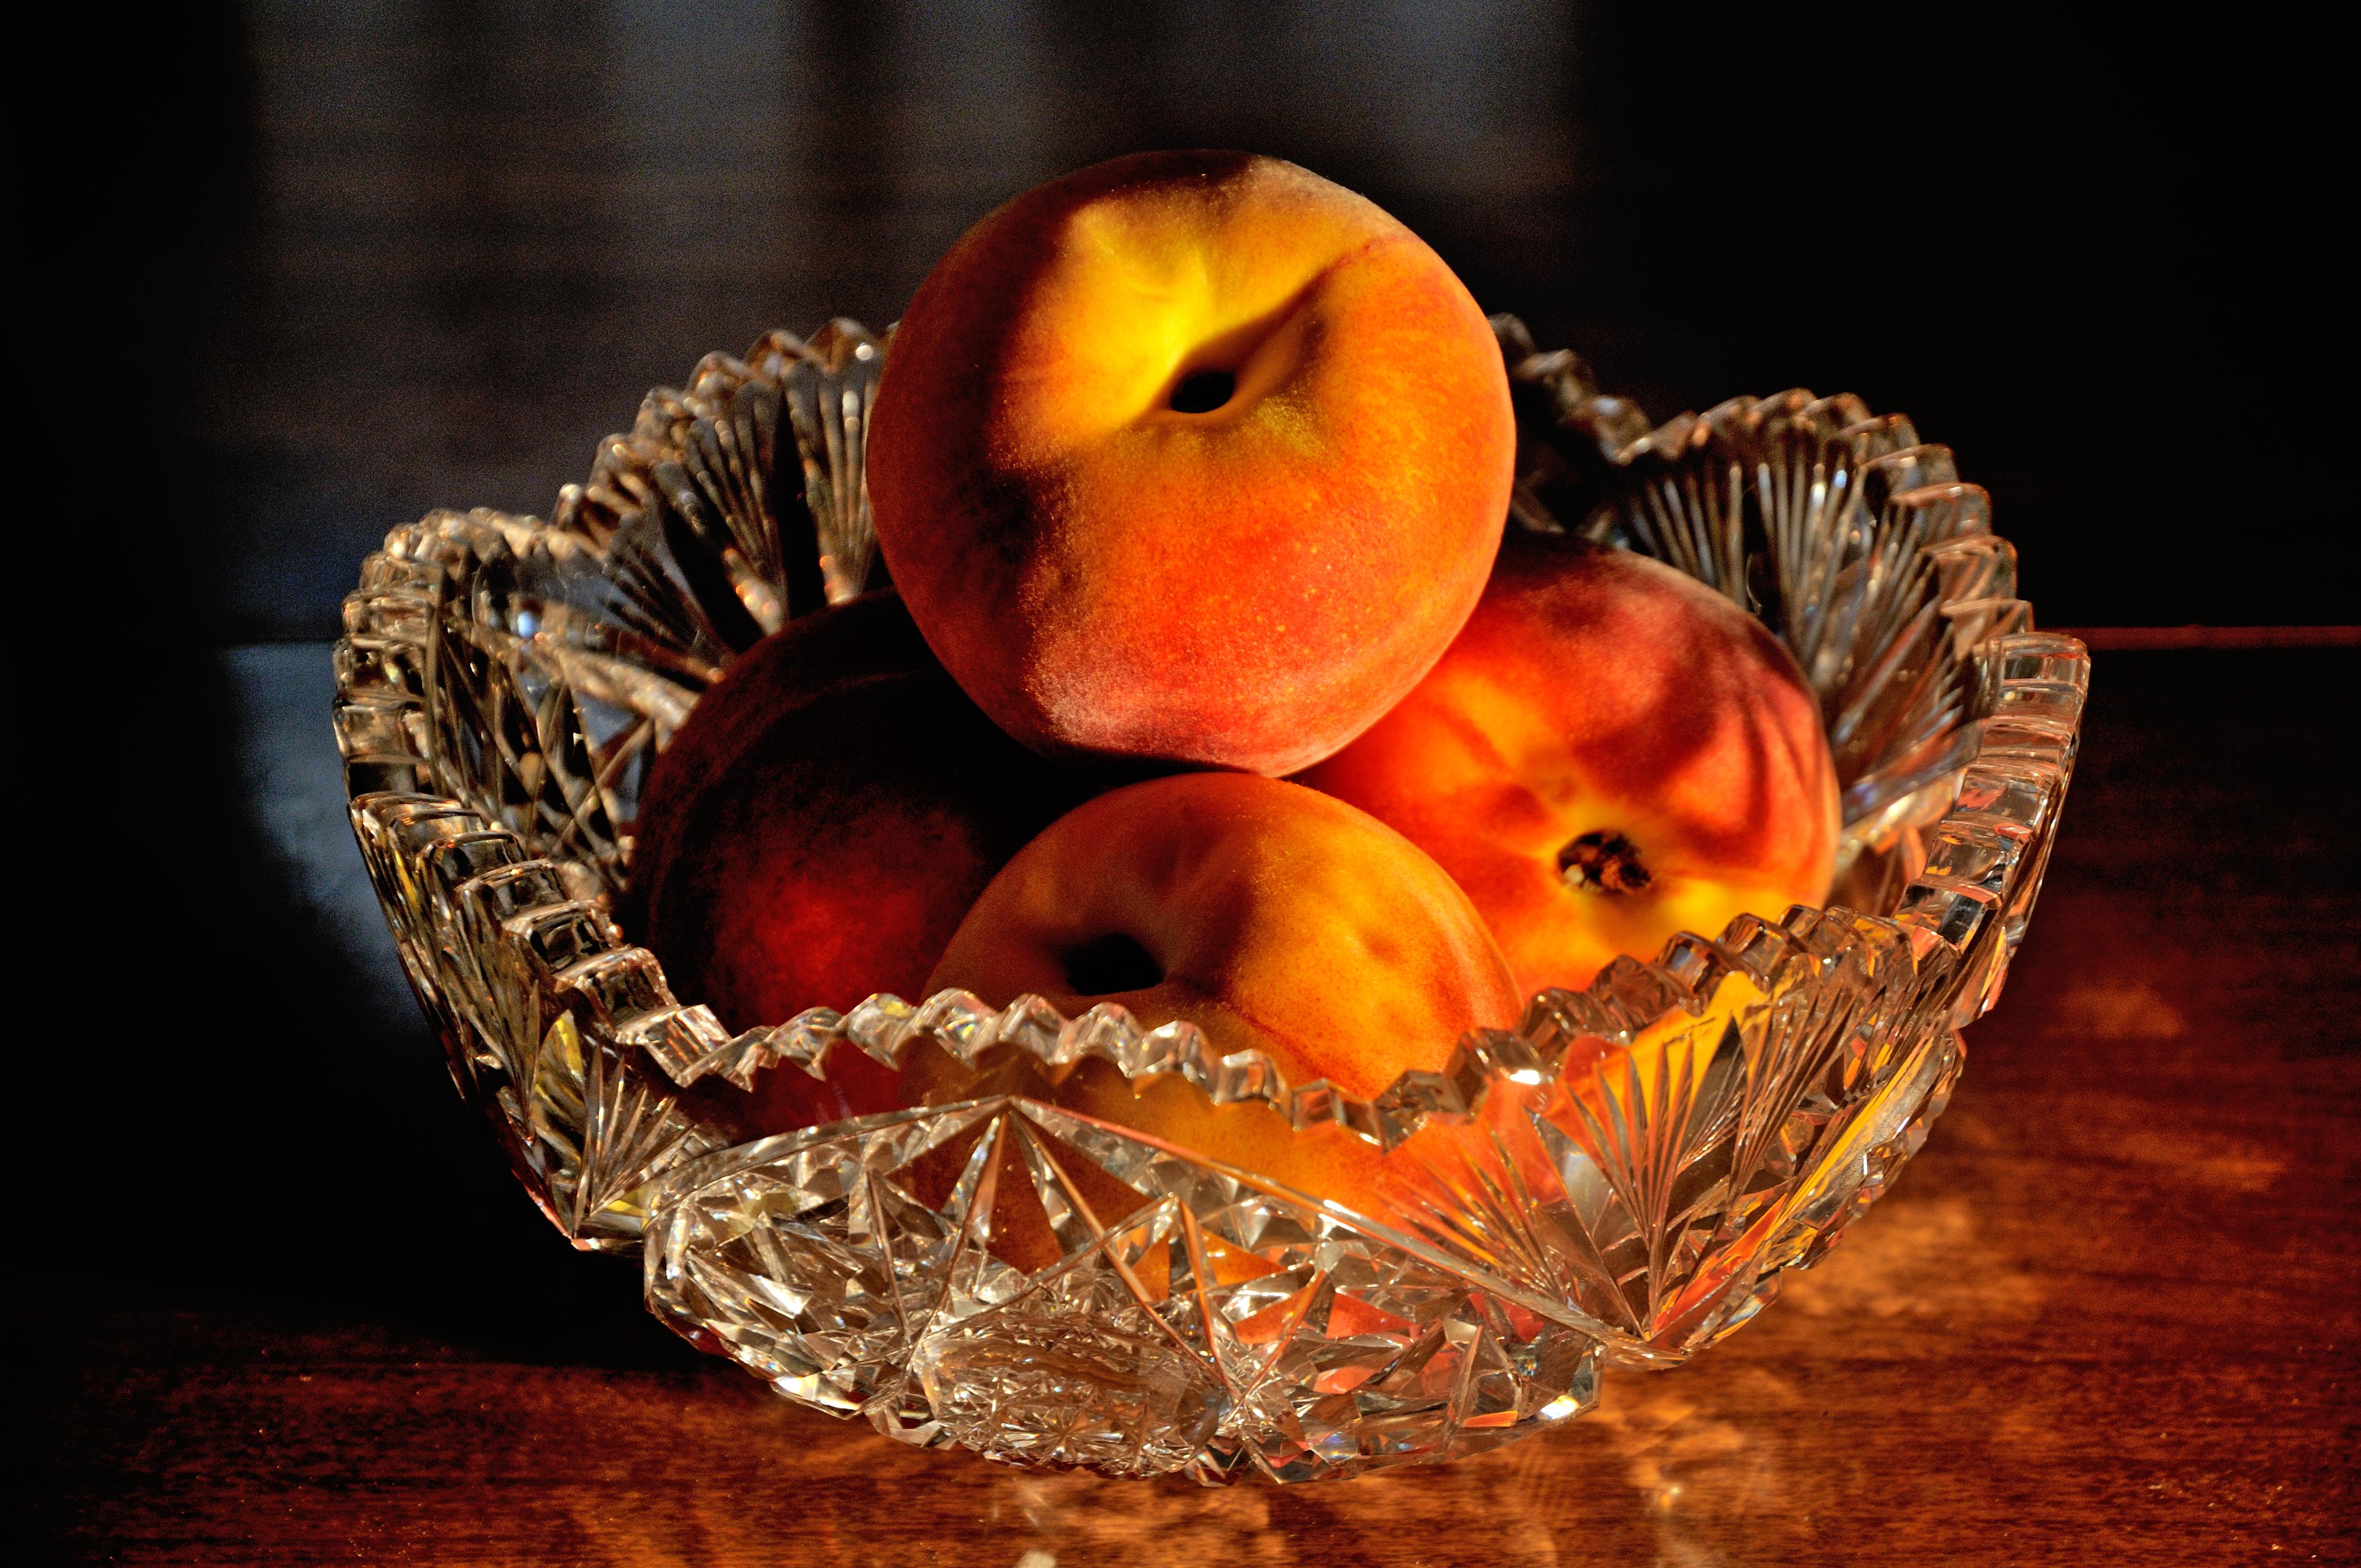 картинки хрустальные фрукты пока